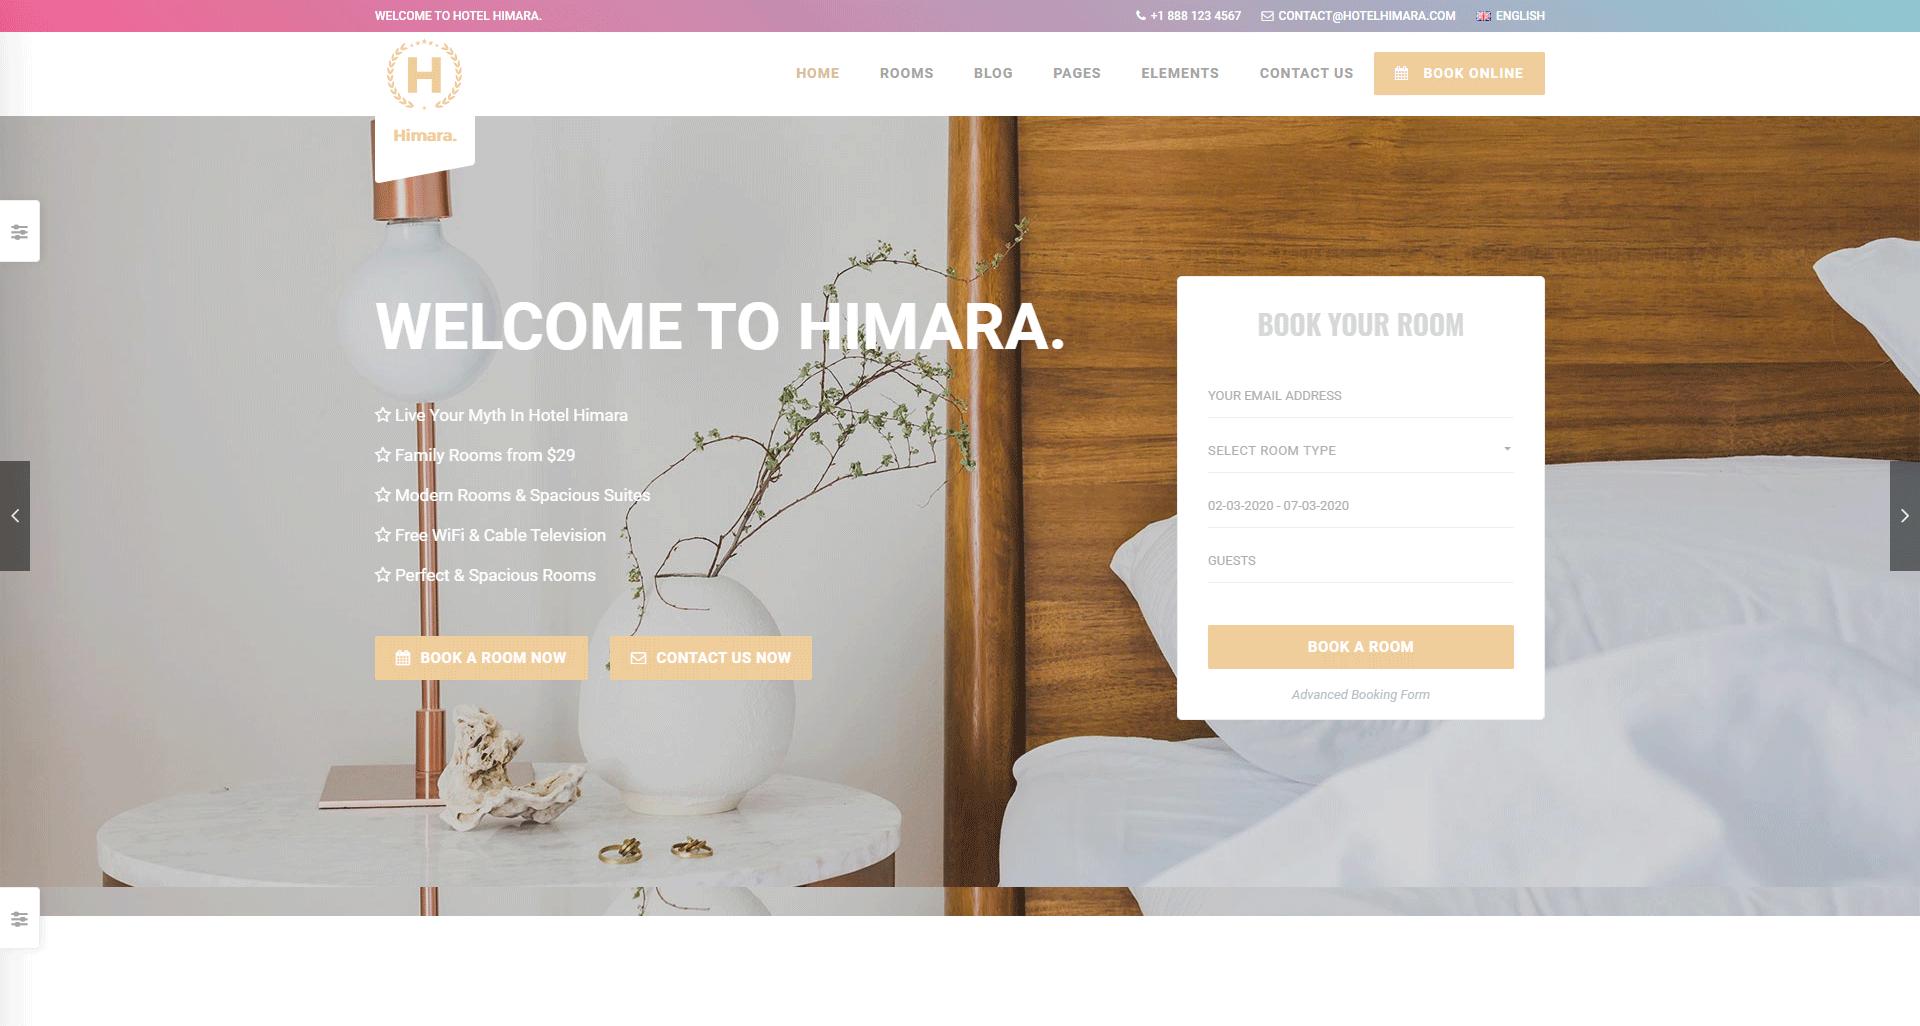 Himara Hotel Booking Template